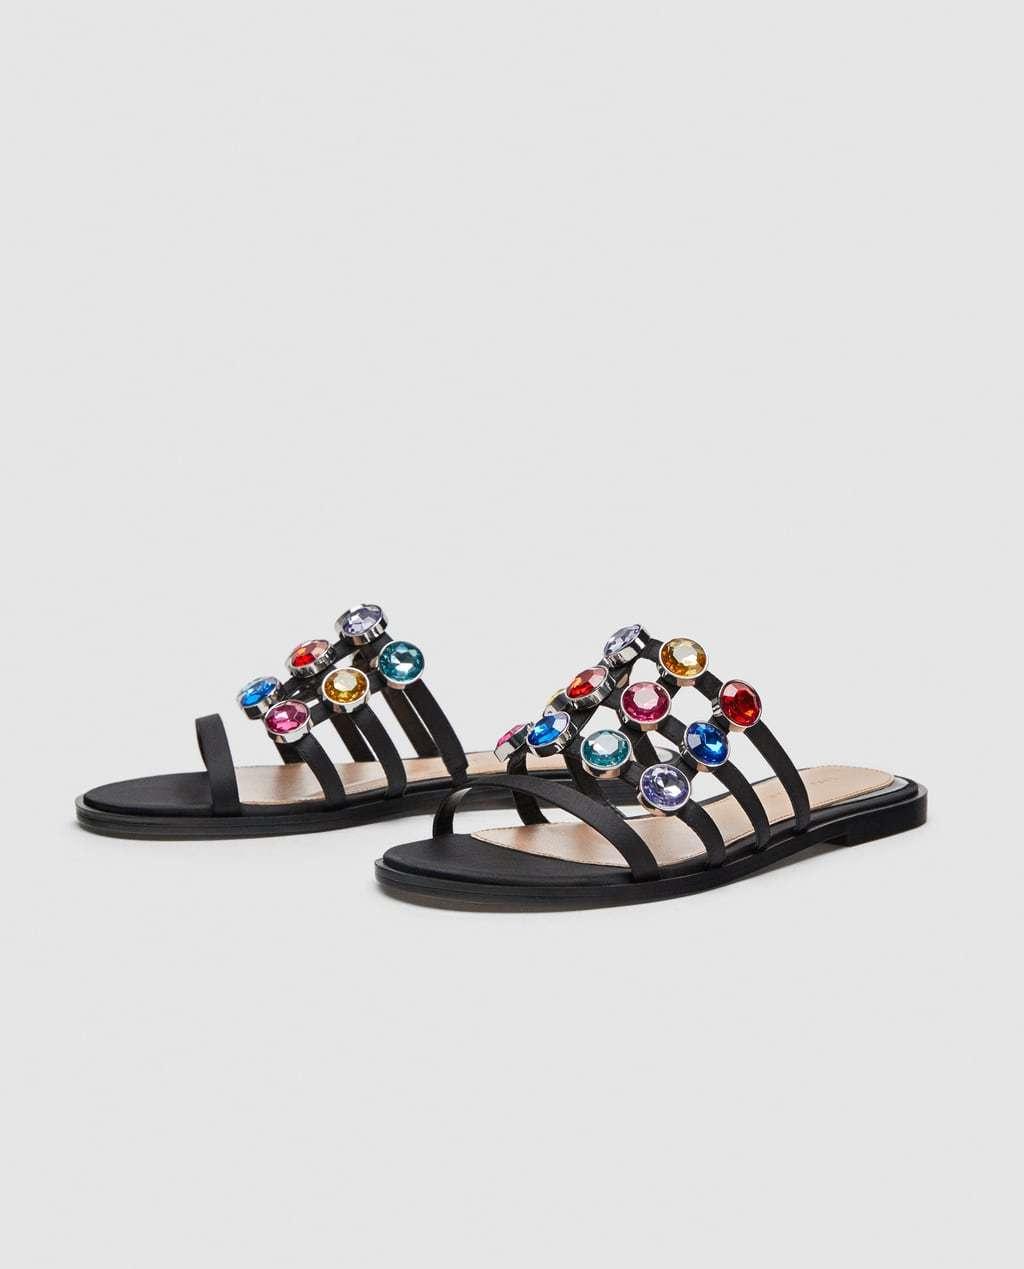 Sandalias de pedrería multicolor de Zara (39,99 euros).